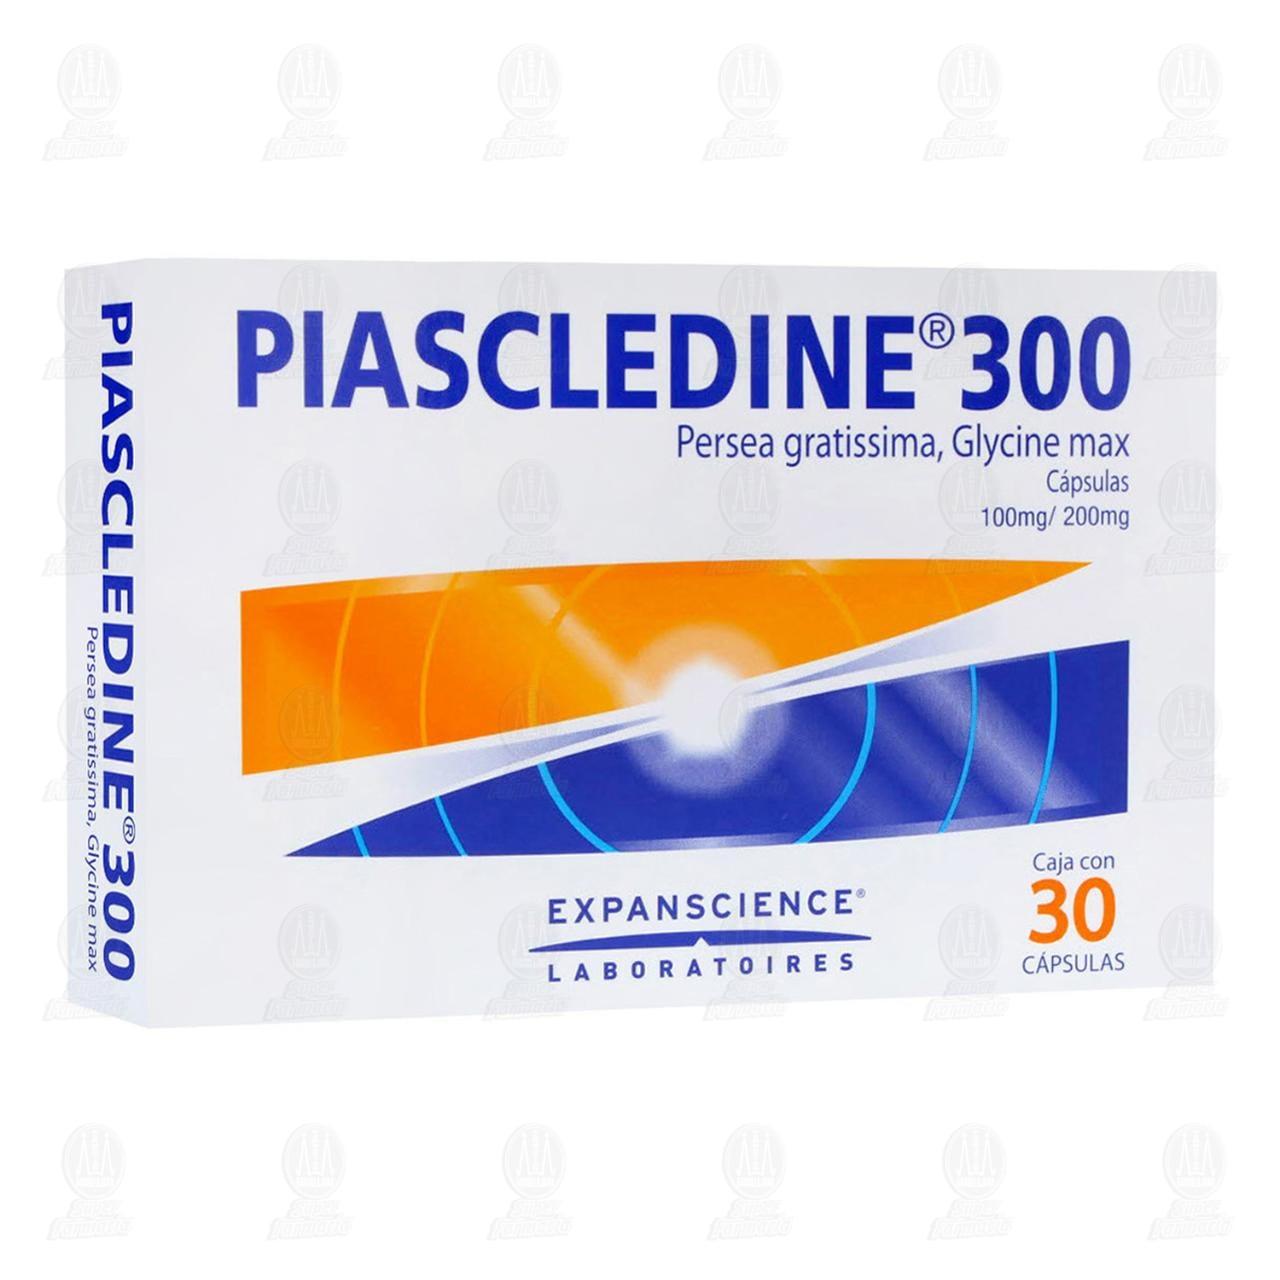 Piascledine 300 con 30 Cápsulas